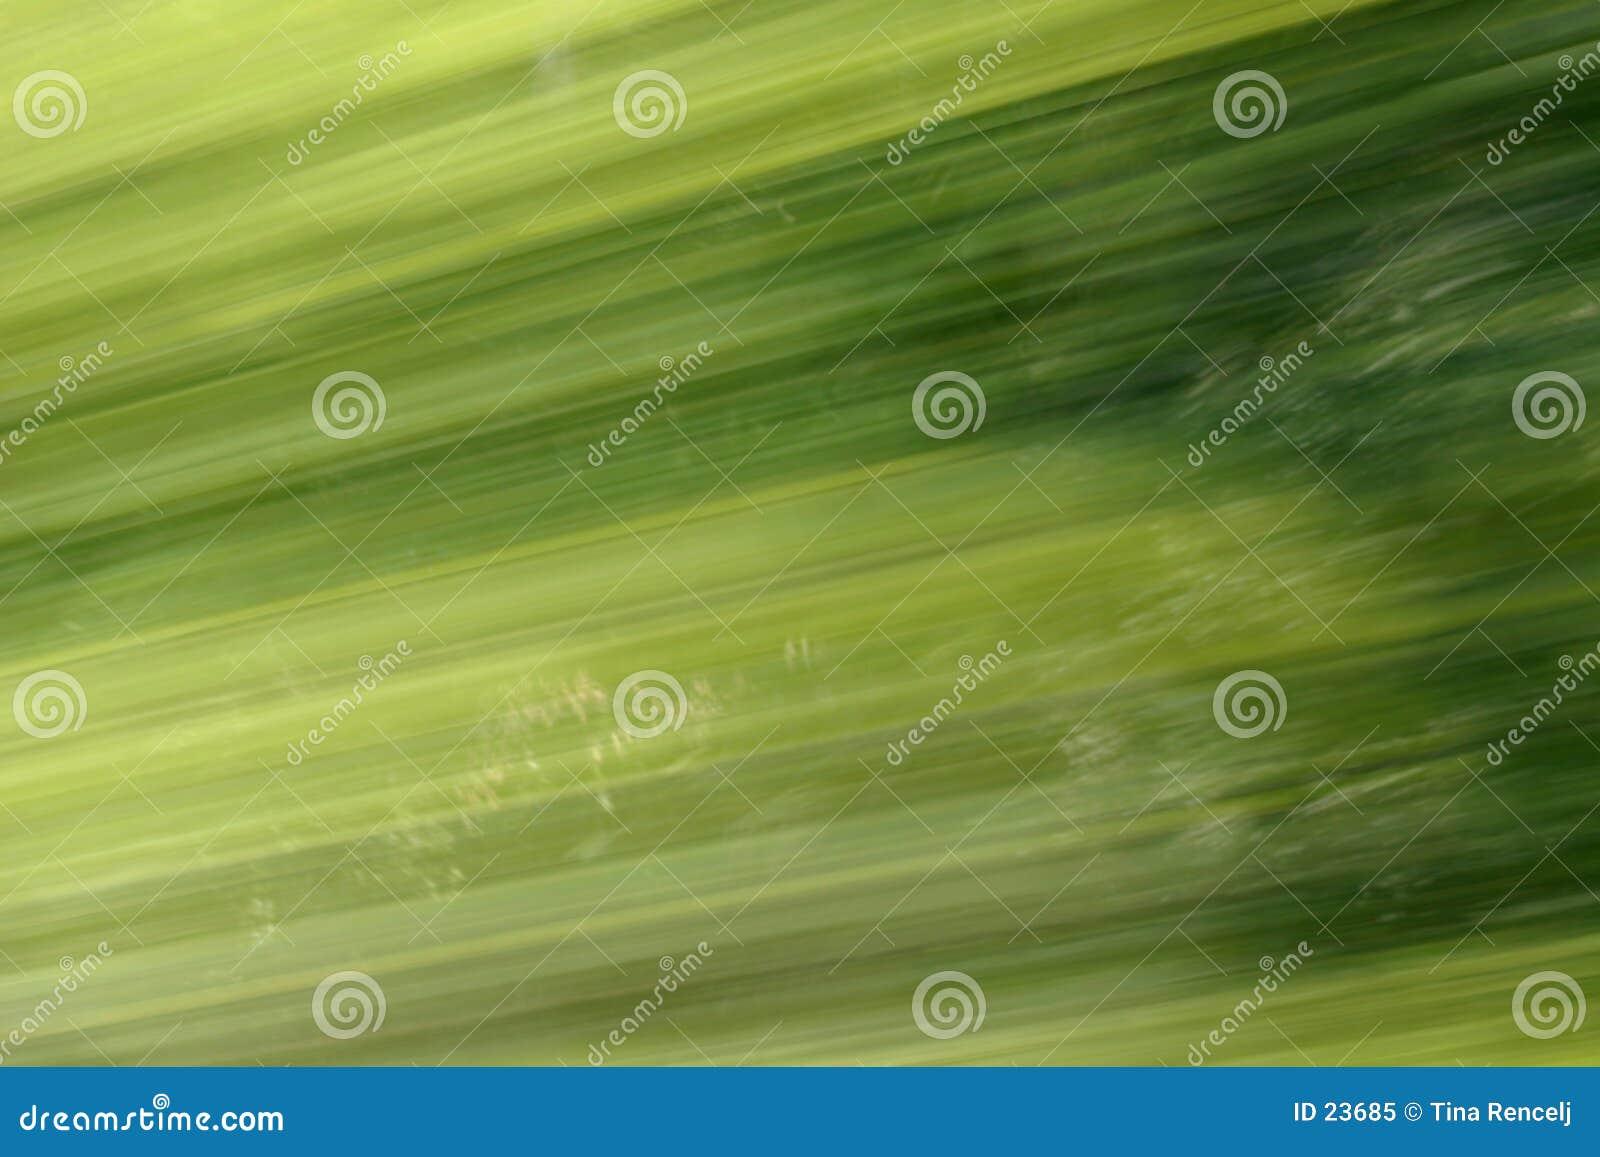 Background Blur Green